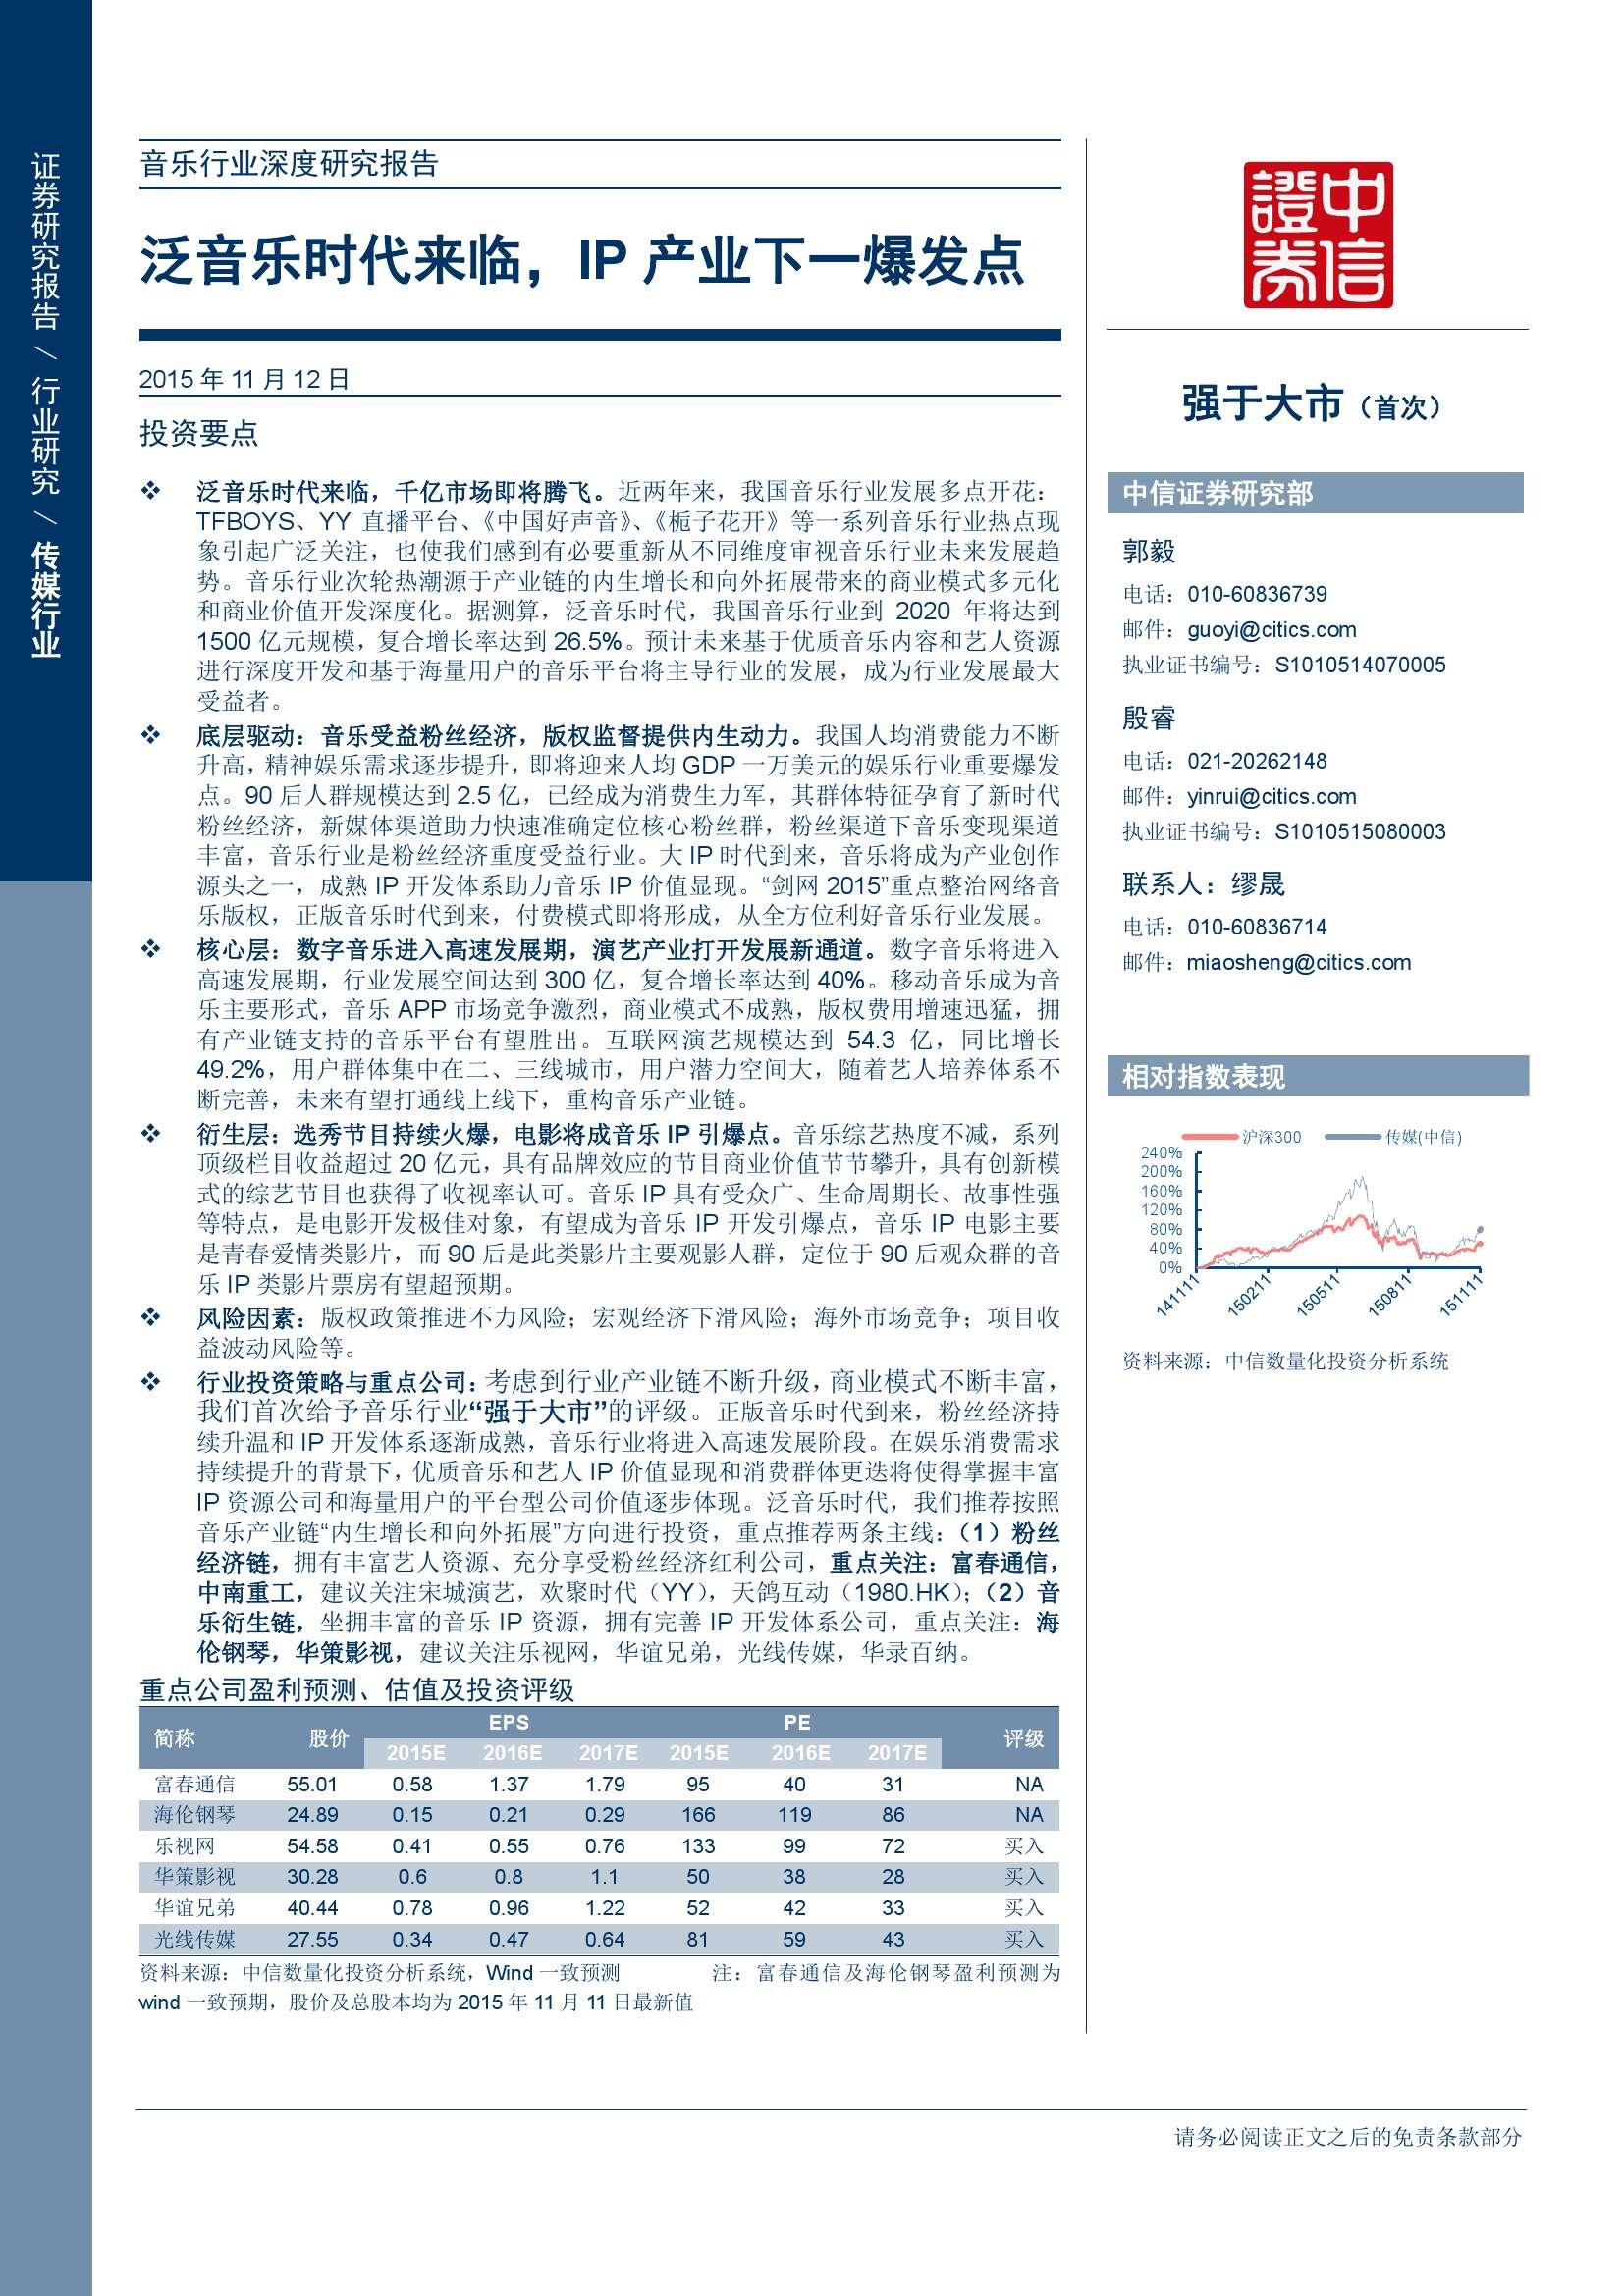 中信证券音乐行业深度研究报告_000001